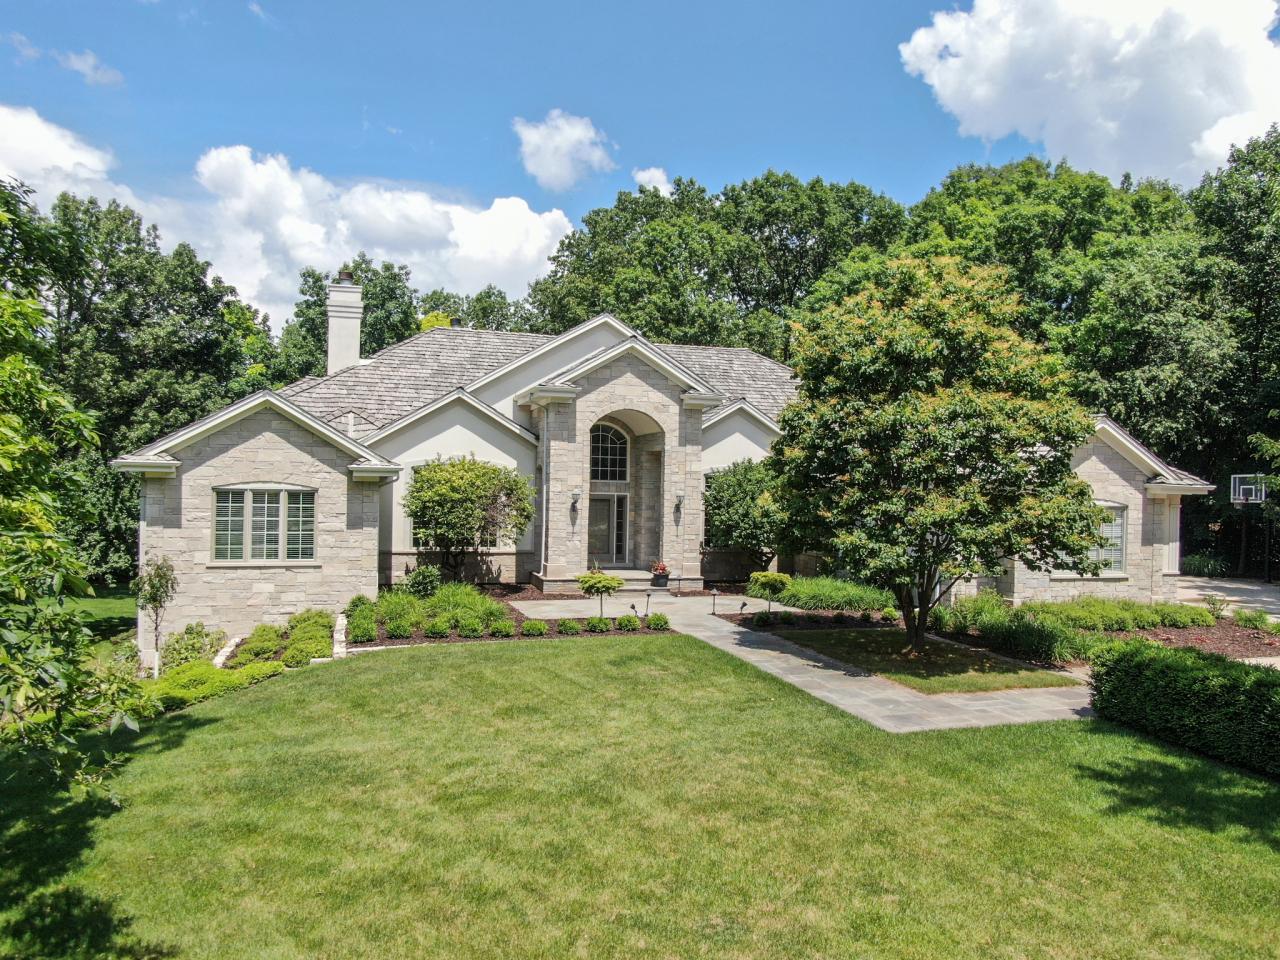 W305N2974 Red Oak Ct, Delafield, Wisconsin 53072, 5 Bedrooms Bedrooms, 17 Rooms Rooms,4 BathroomsBathrooms,Single-Family,For Sale,Red Oak Ct,1696975